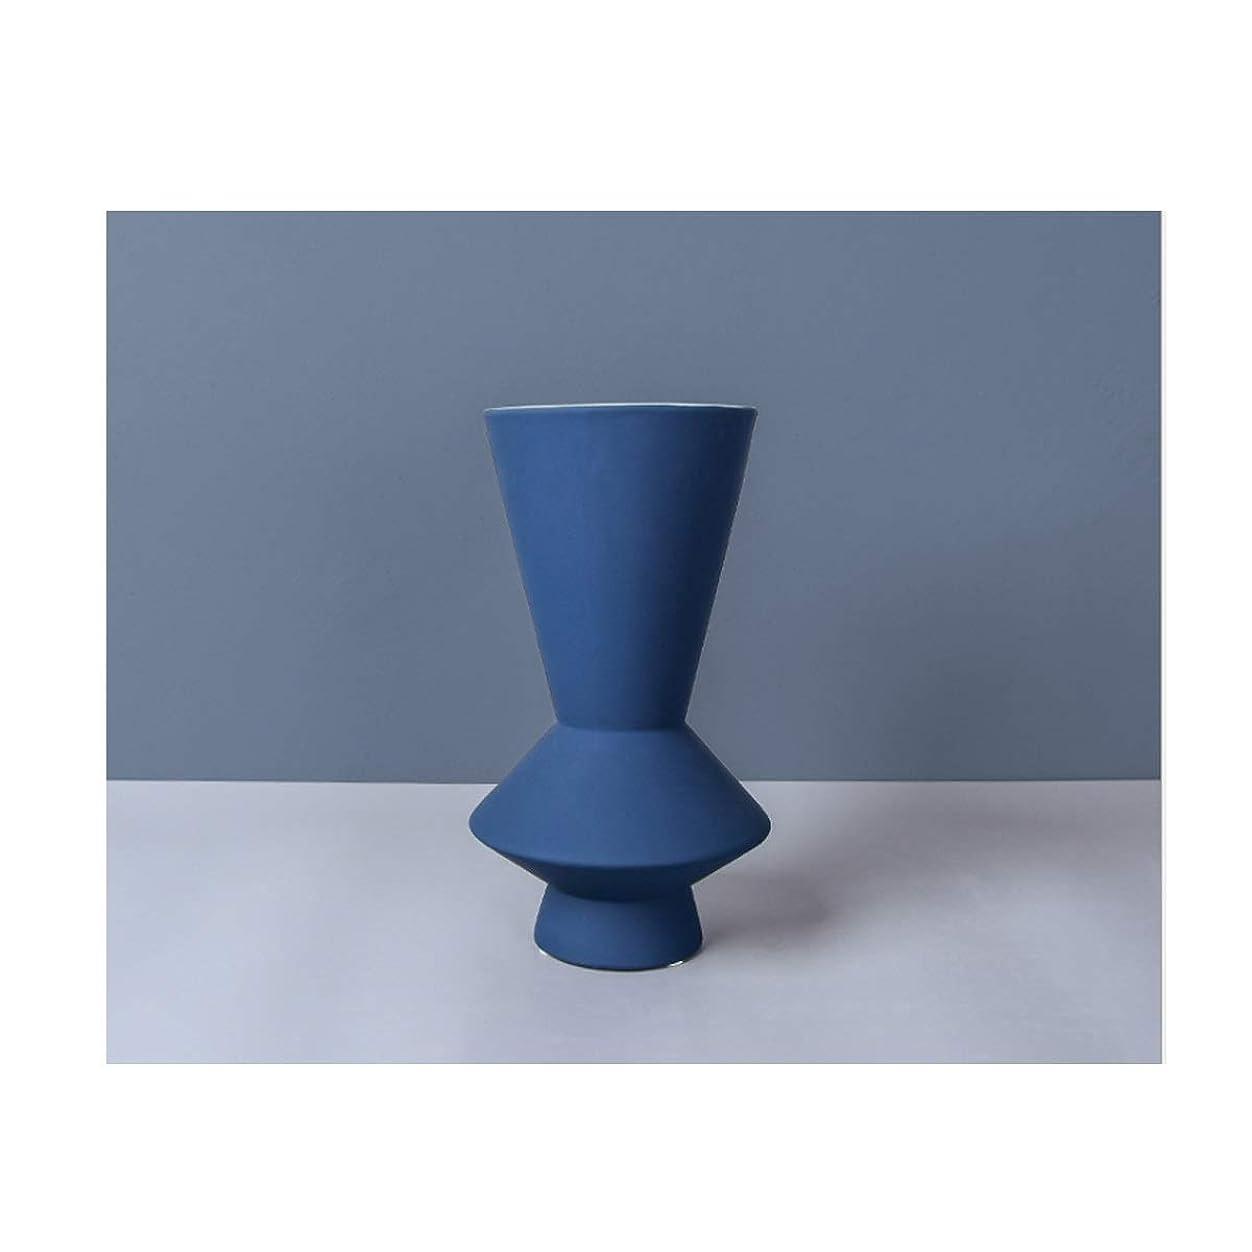 サーバロバ染色HXSD 現代のミニマリストのセラミック装飾北欧のセラミック花瓶の家庭のリビングルームセラミック工芸品 (Color : A)